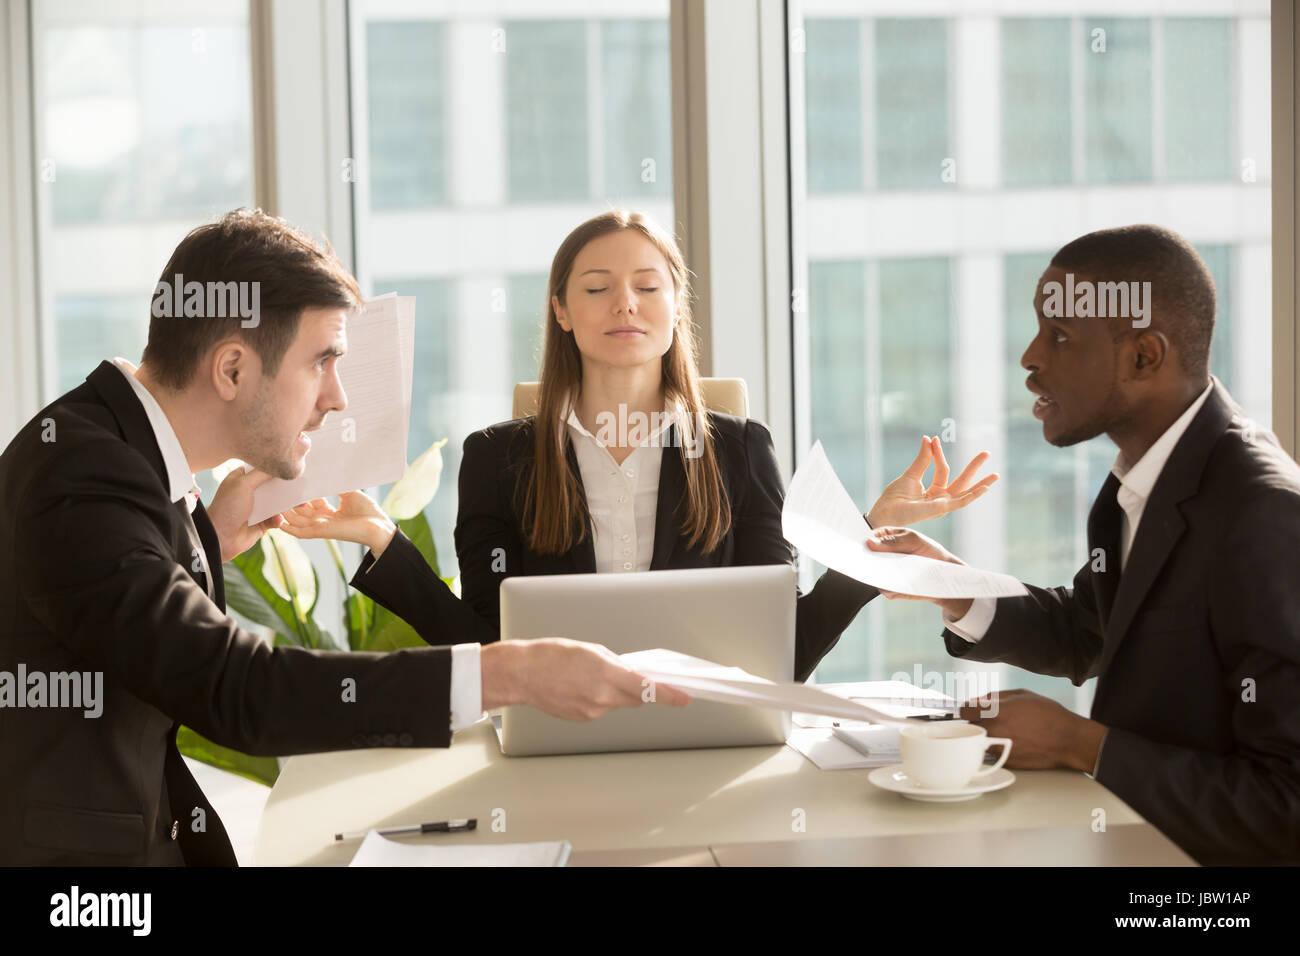 Attractive businesswoman jouit de méditer au cours de réunion, assis à un bureau avec les yeux fermé Photo Stock